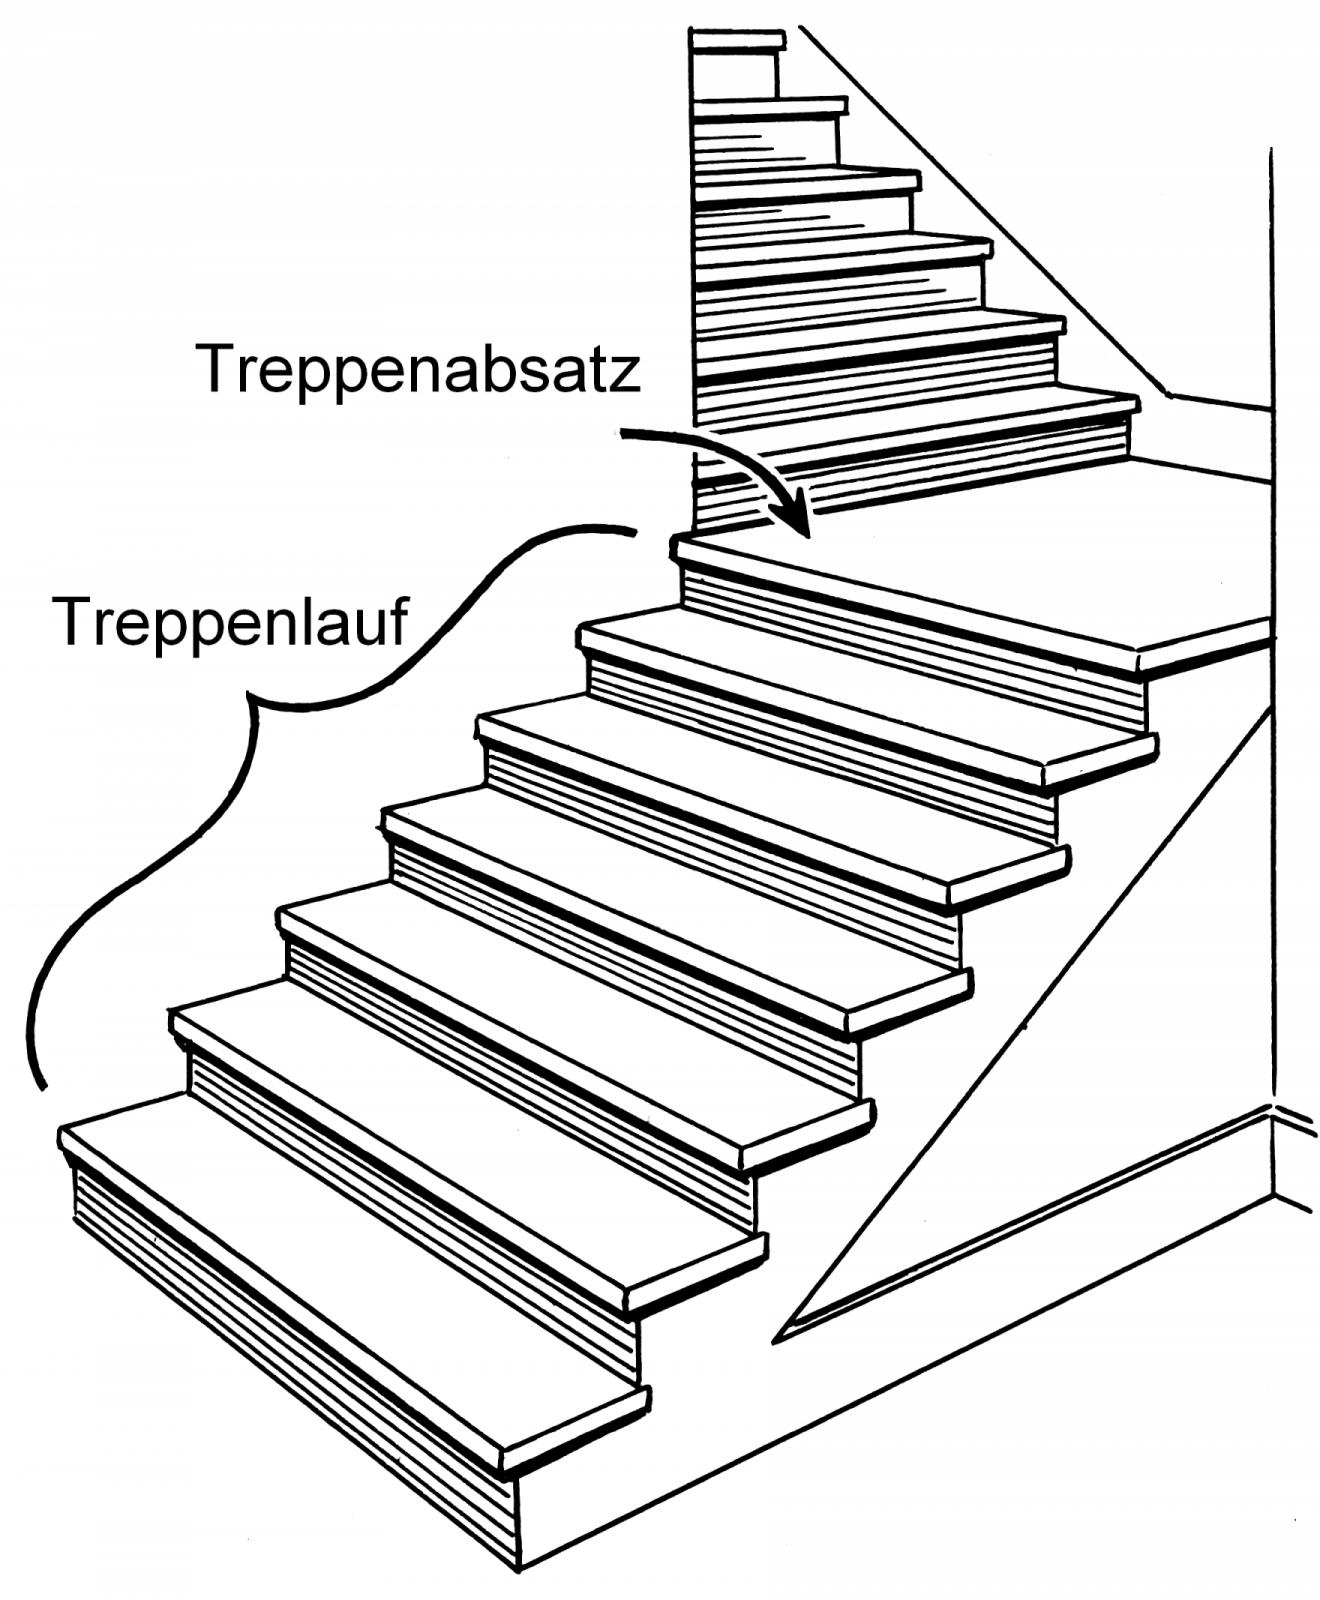 Treppenabsatz – Wikipedia von Außentreppe Mit Podest Berechnen Photo